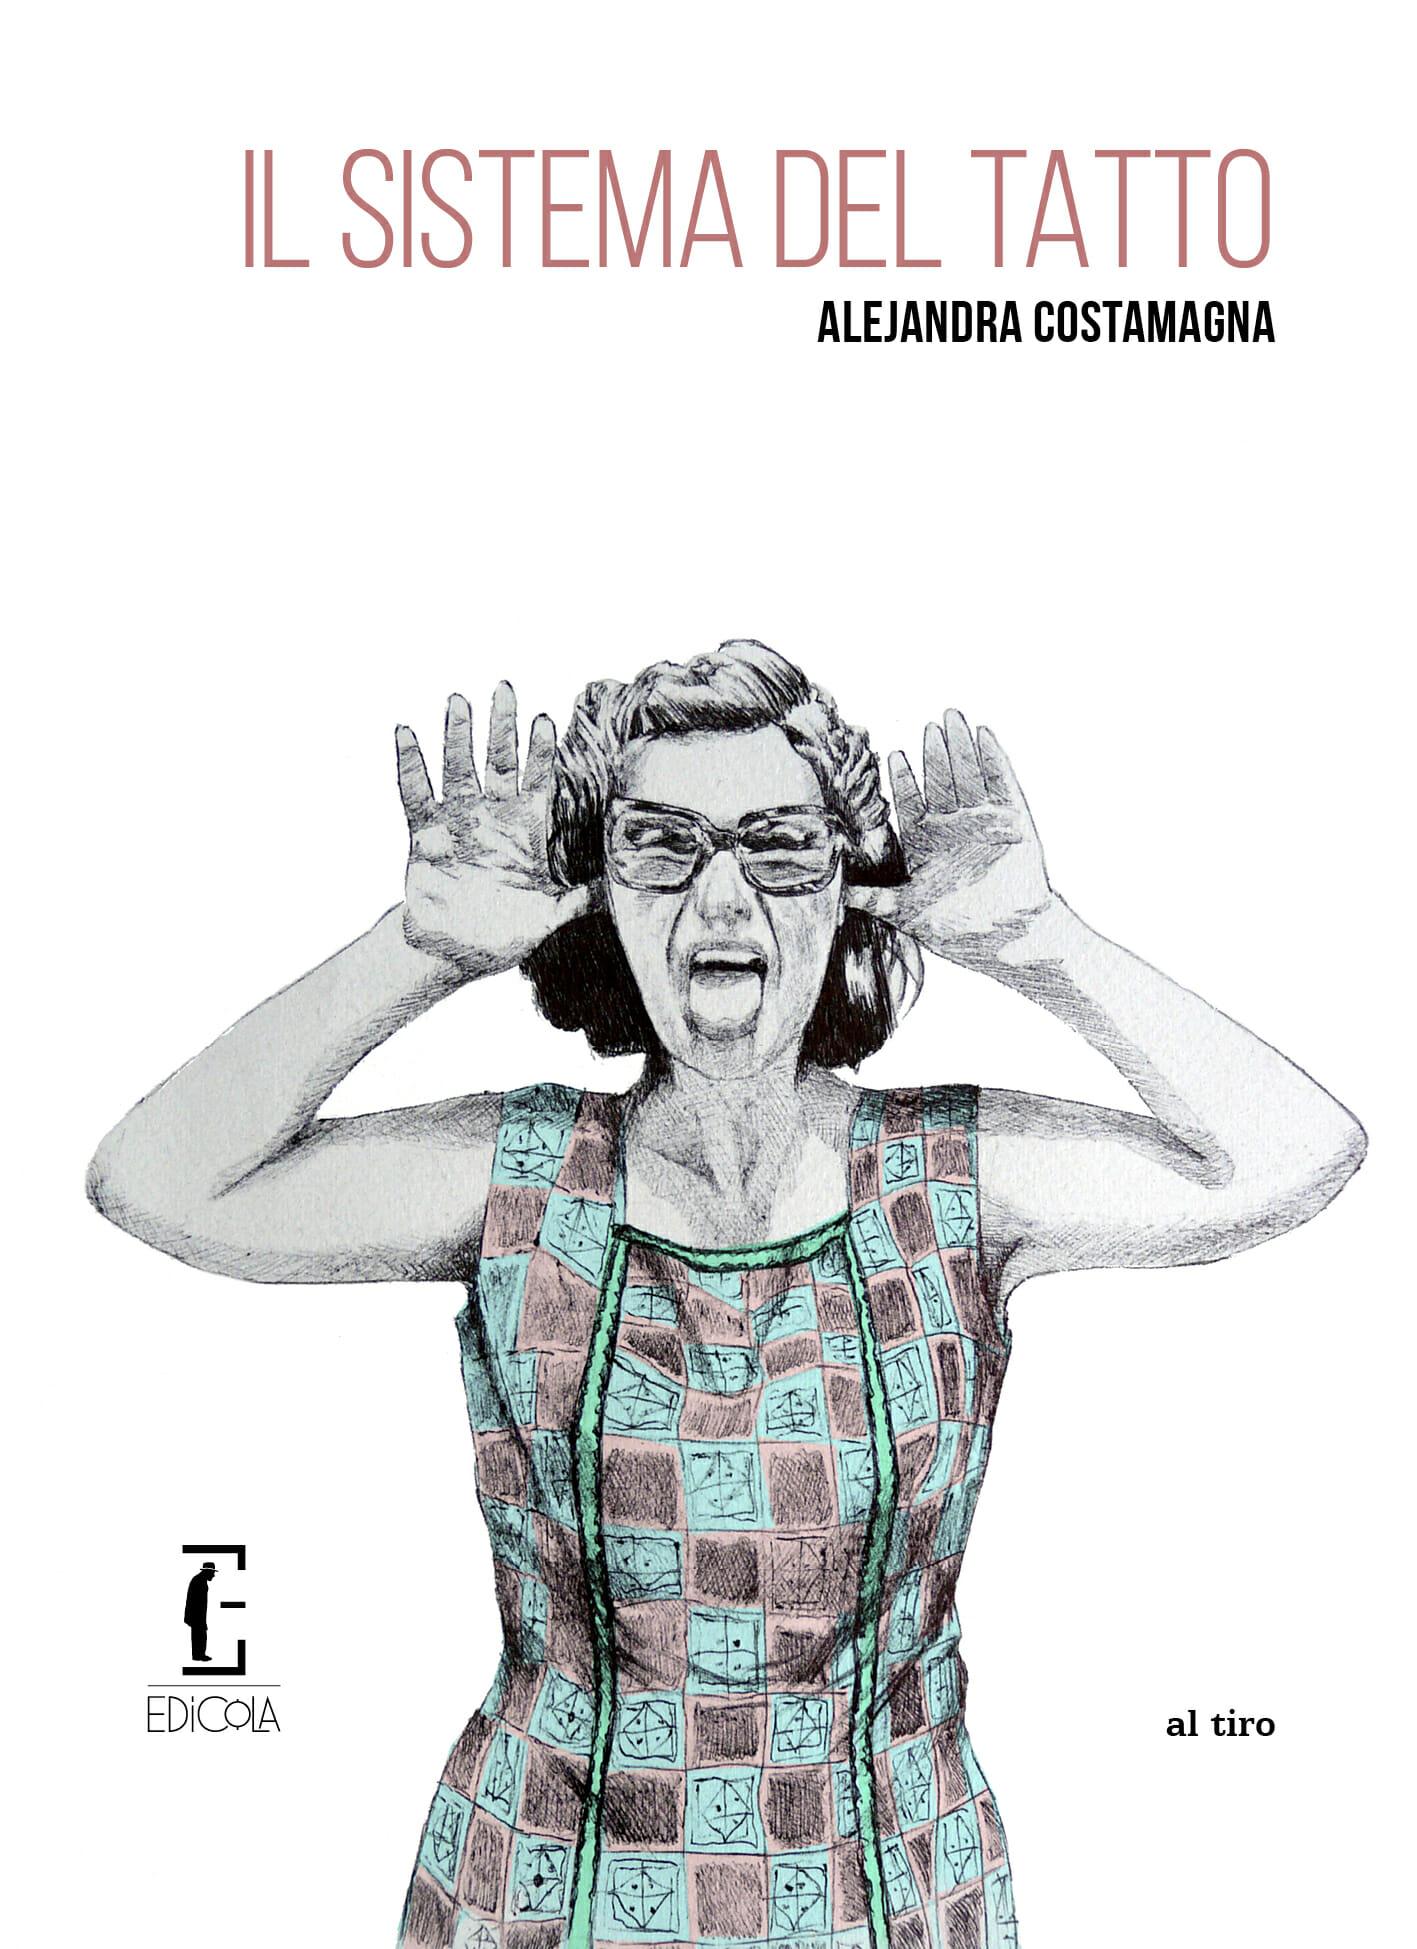 Il sistema del tatto Alejandra Costamagna